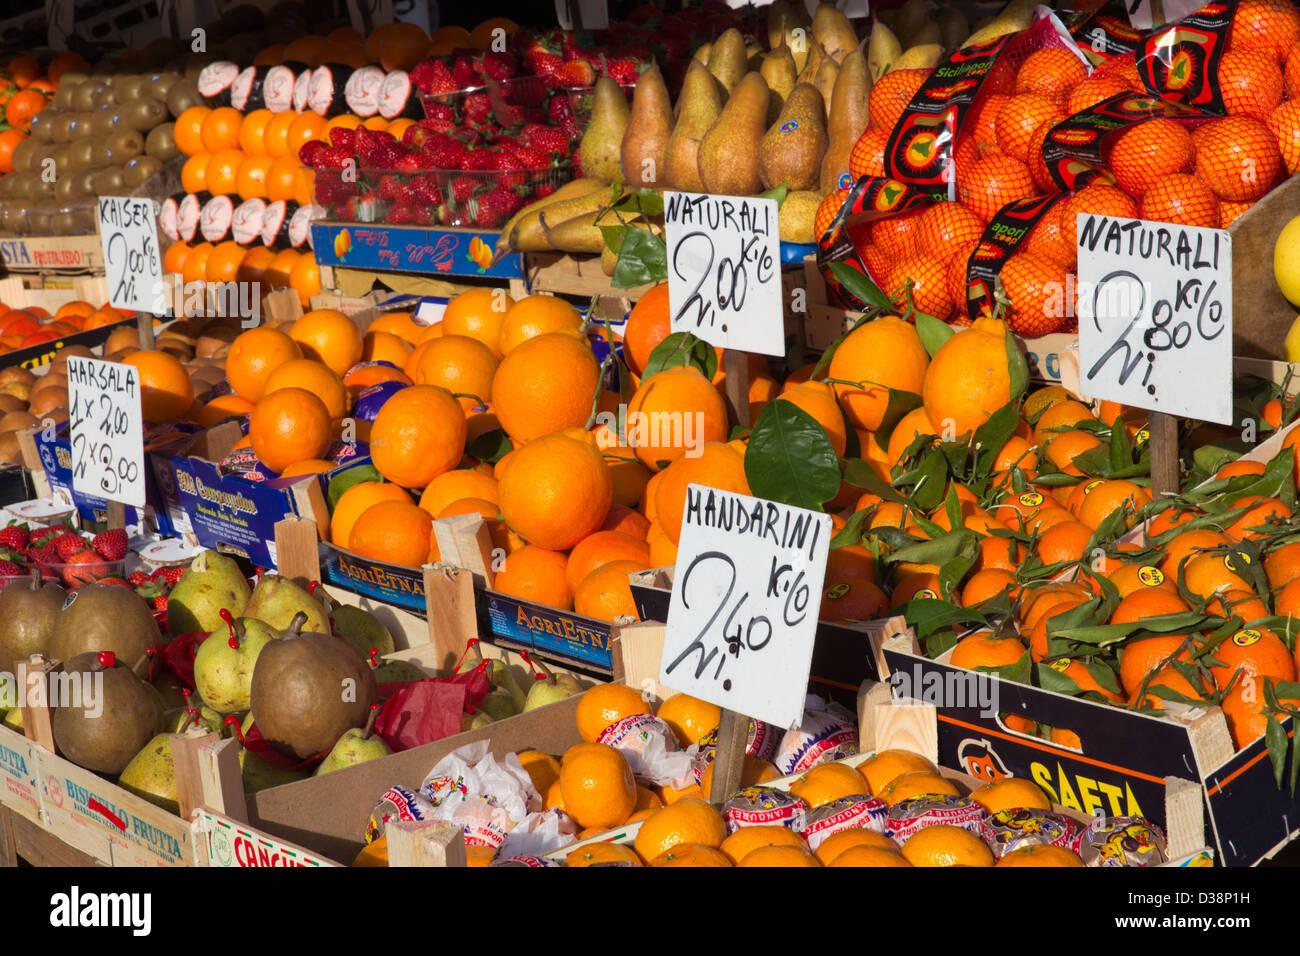 Étal de fruits à Venise, Italie Photo Stock